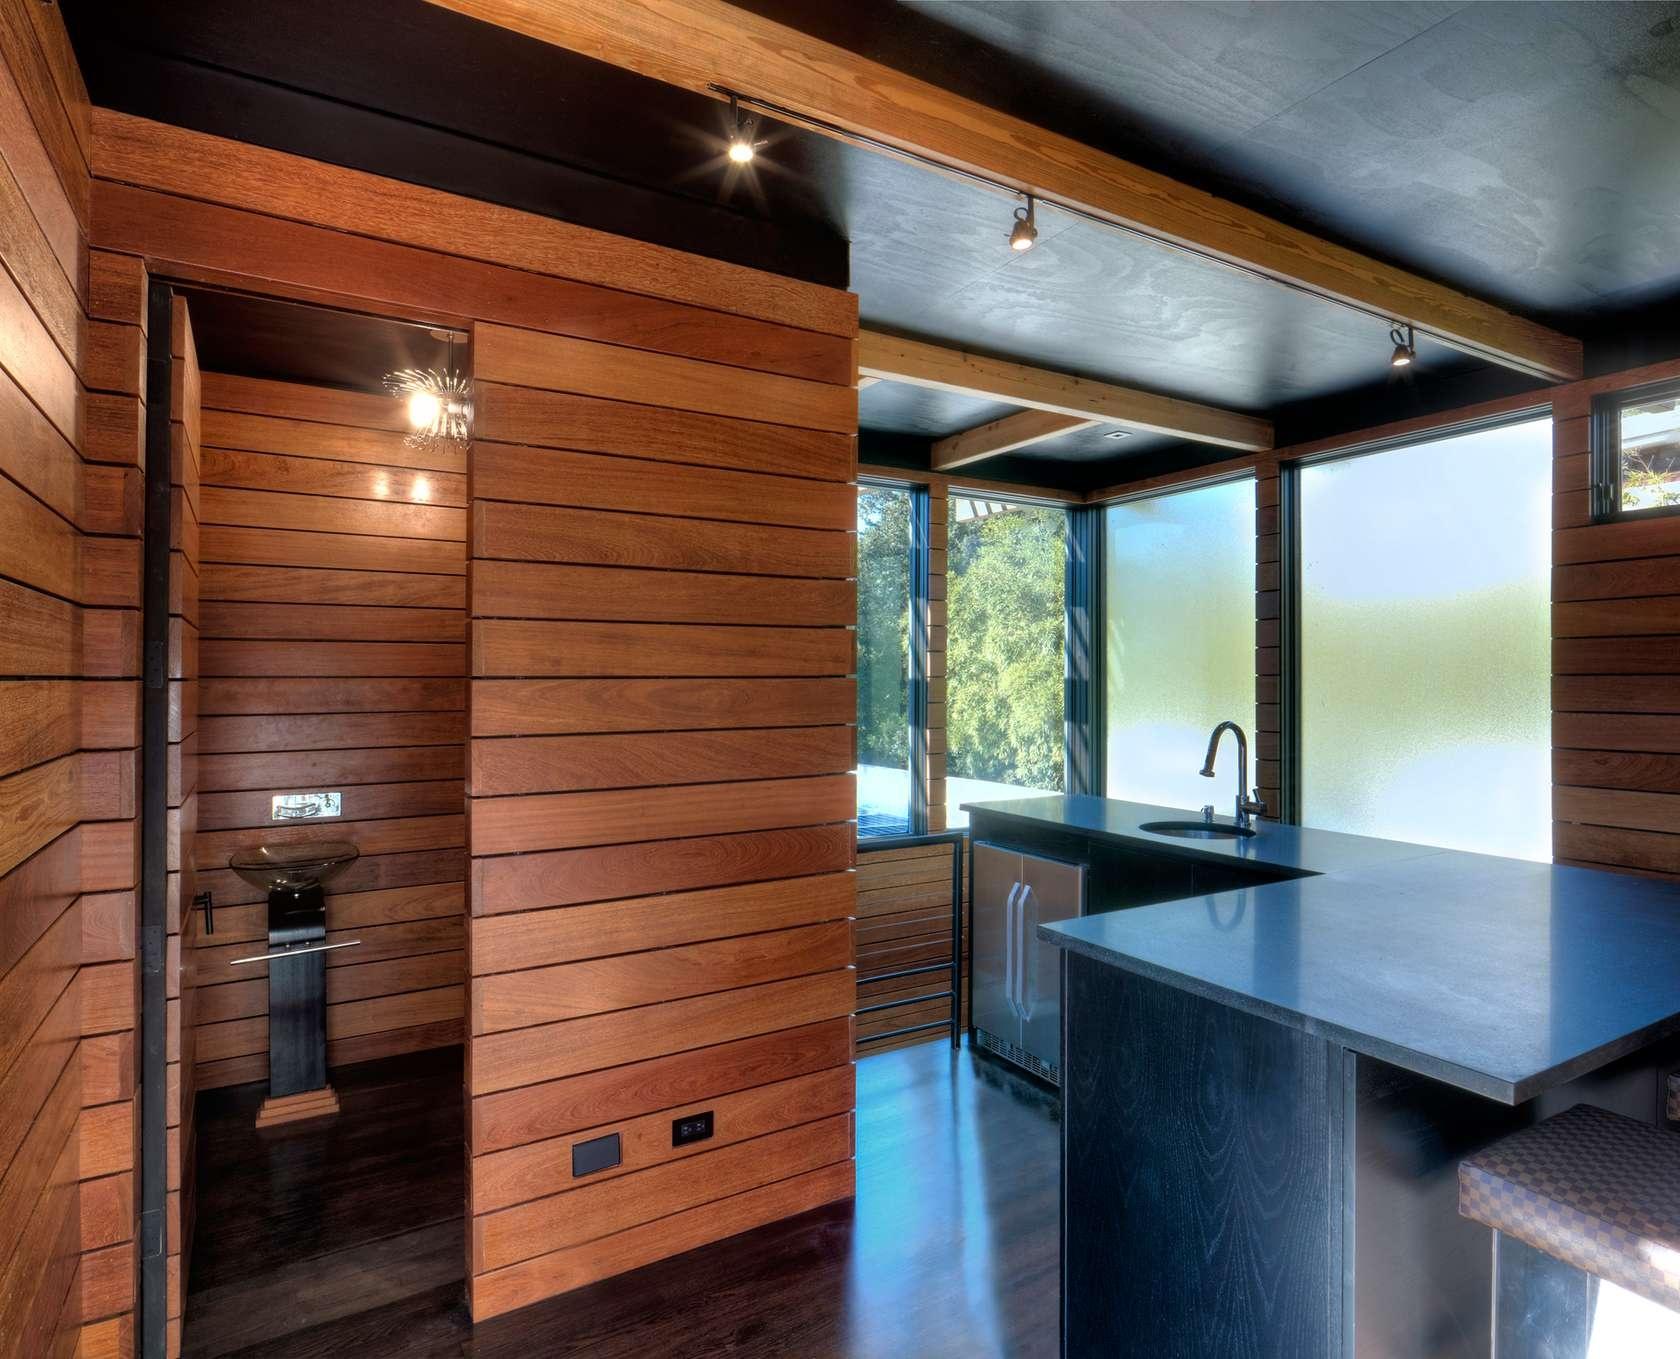 Kuchyňa a vedľa toaleta.